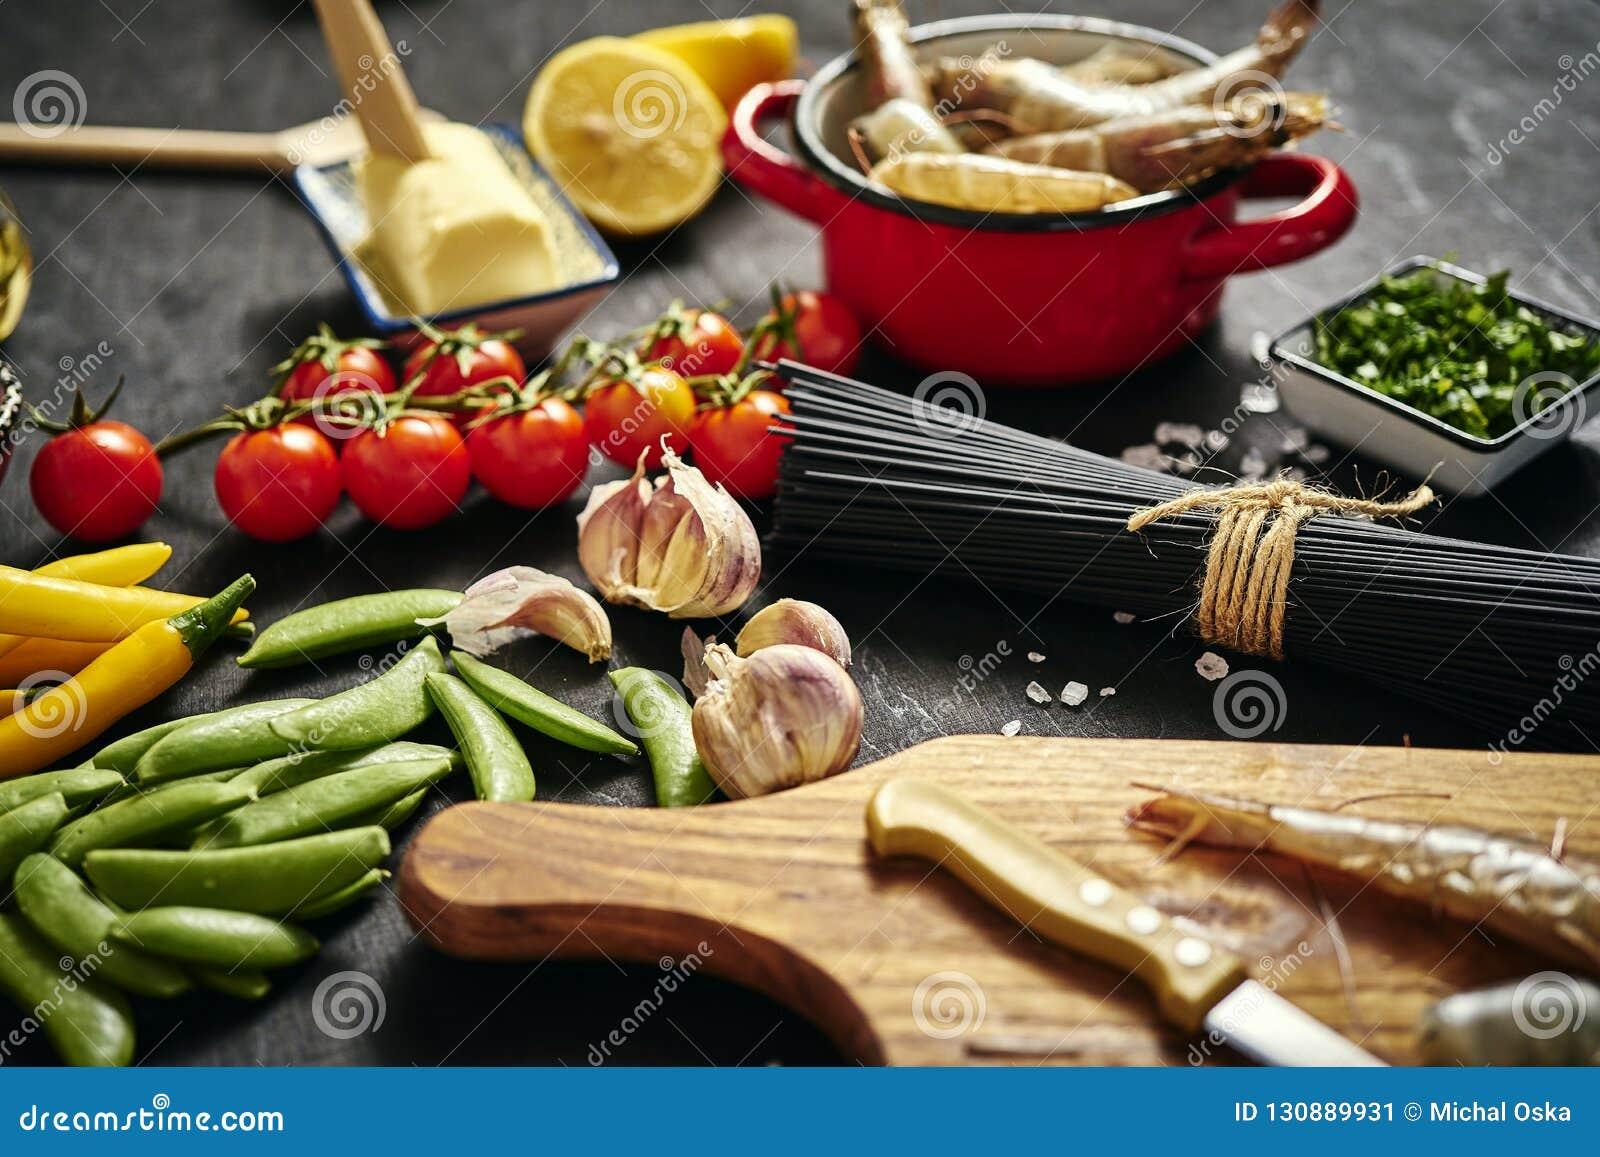 在一个罐的新鲜的可口未加工的老虎大虾用荷兰芹、柠檬、黄油、蕃茄和辣椒